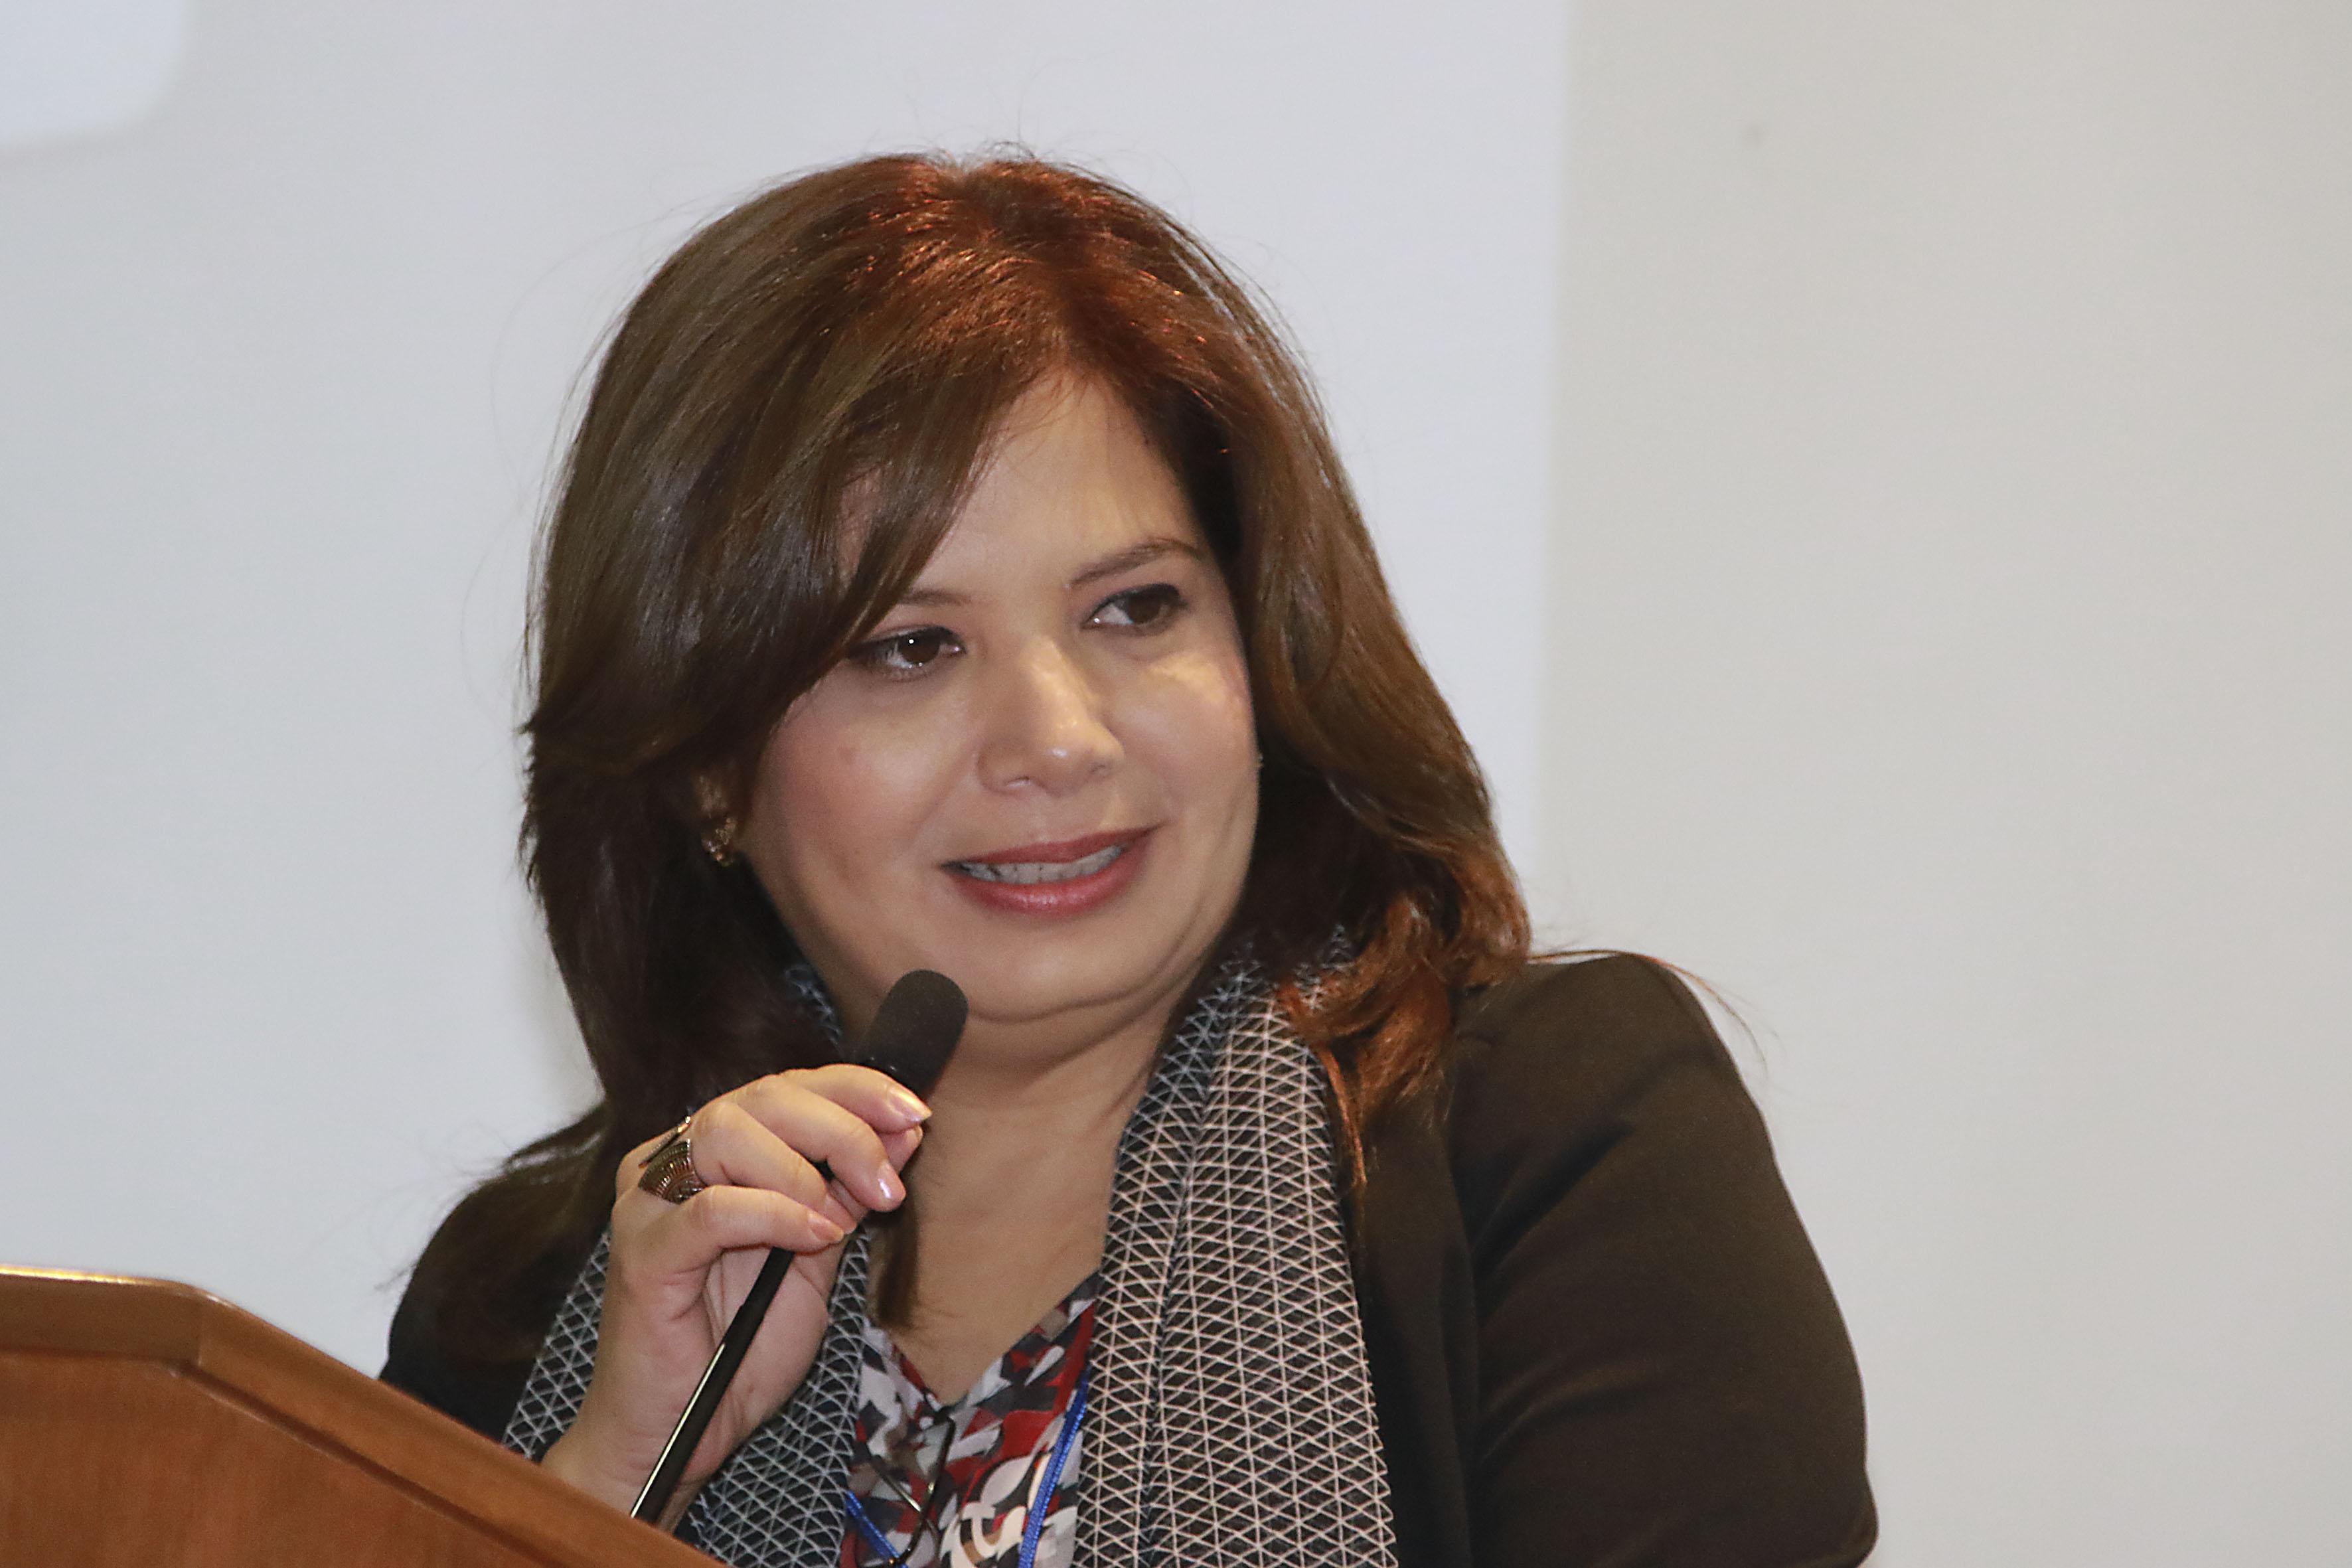 Doctora Blanca Ramírez Hernández, coordinadora de investigación del CUCBA, con micrófono en podium haciendo uso de la palabra.